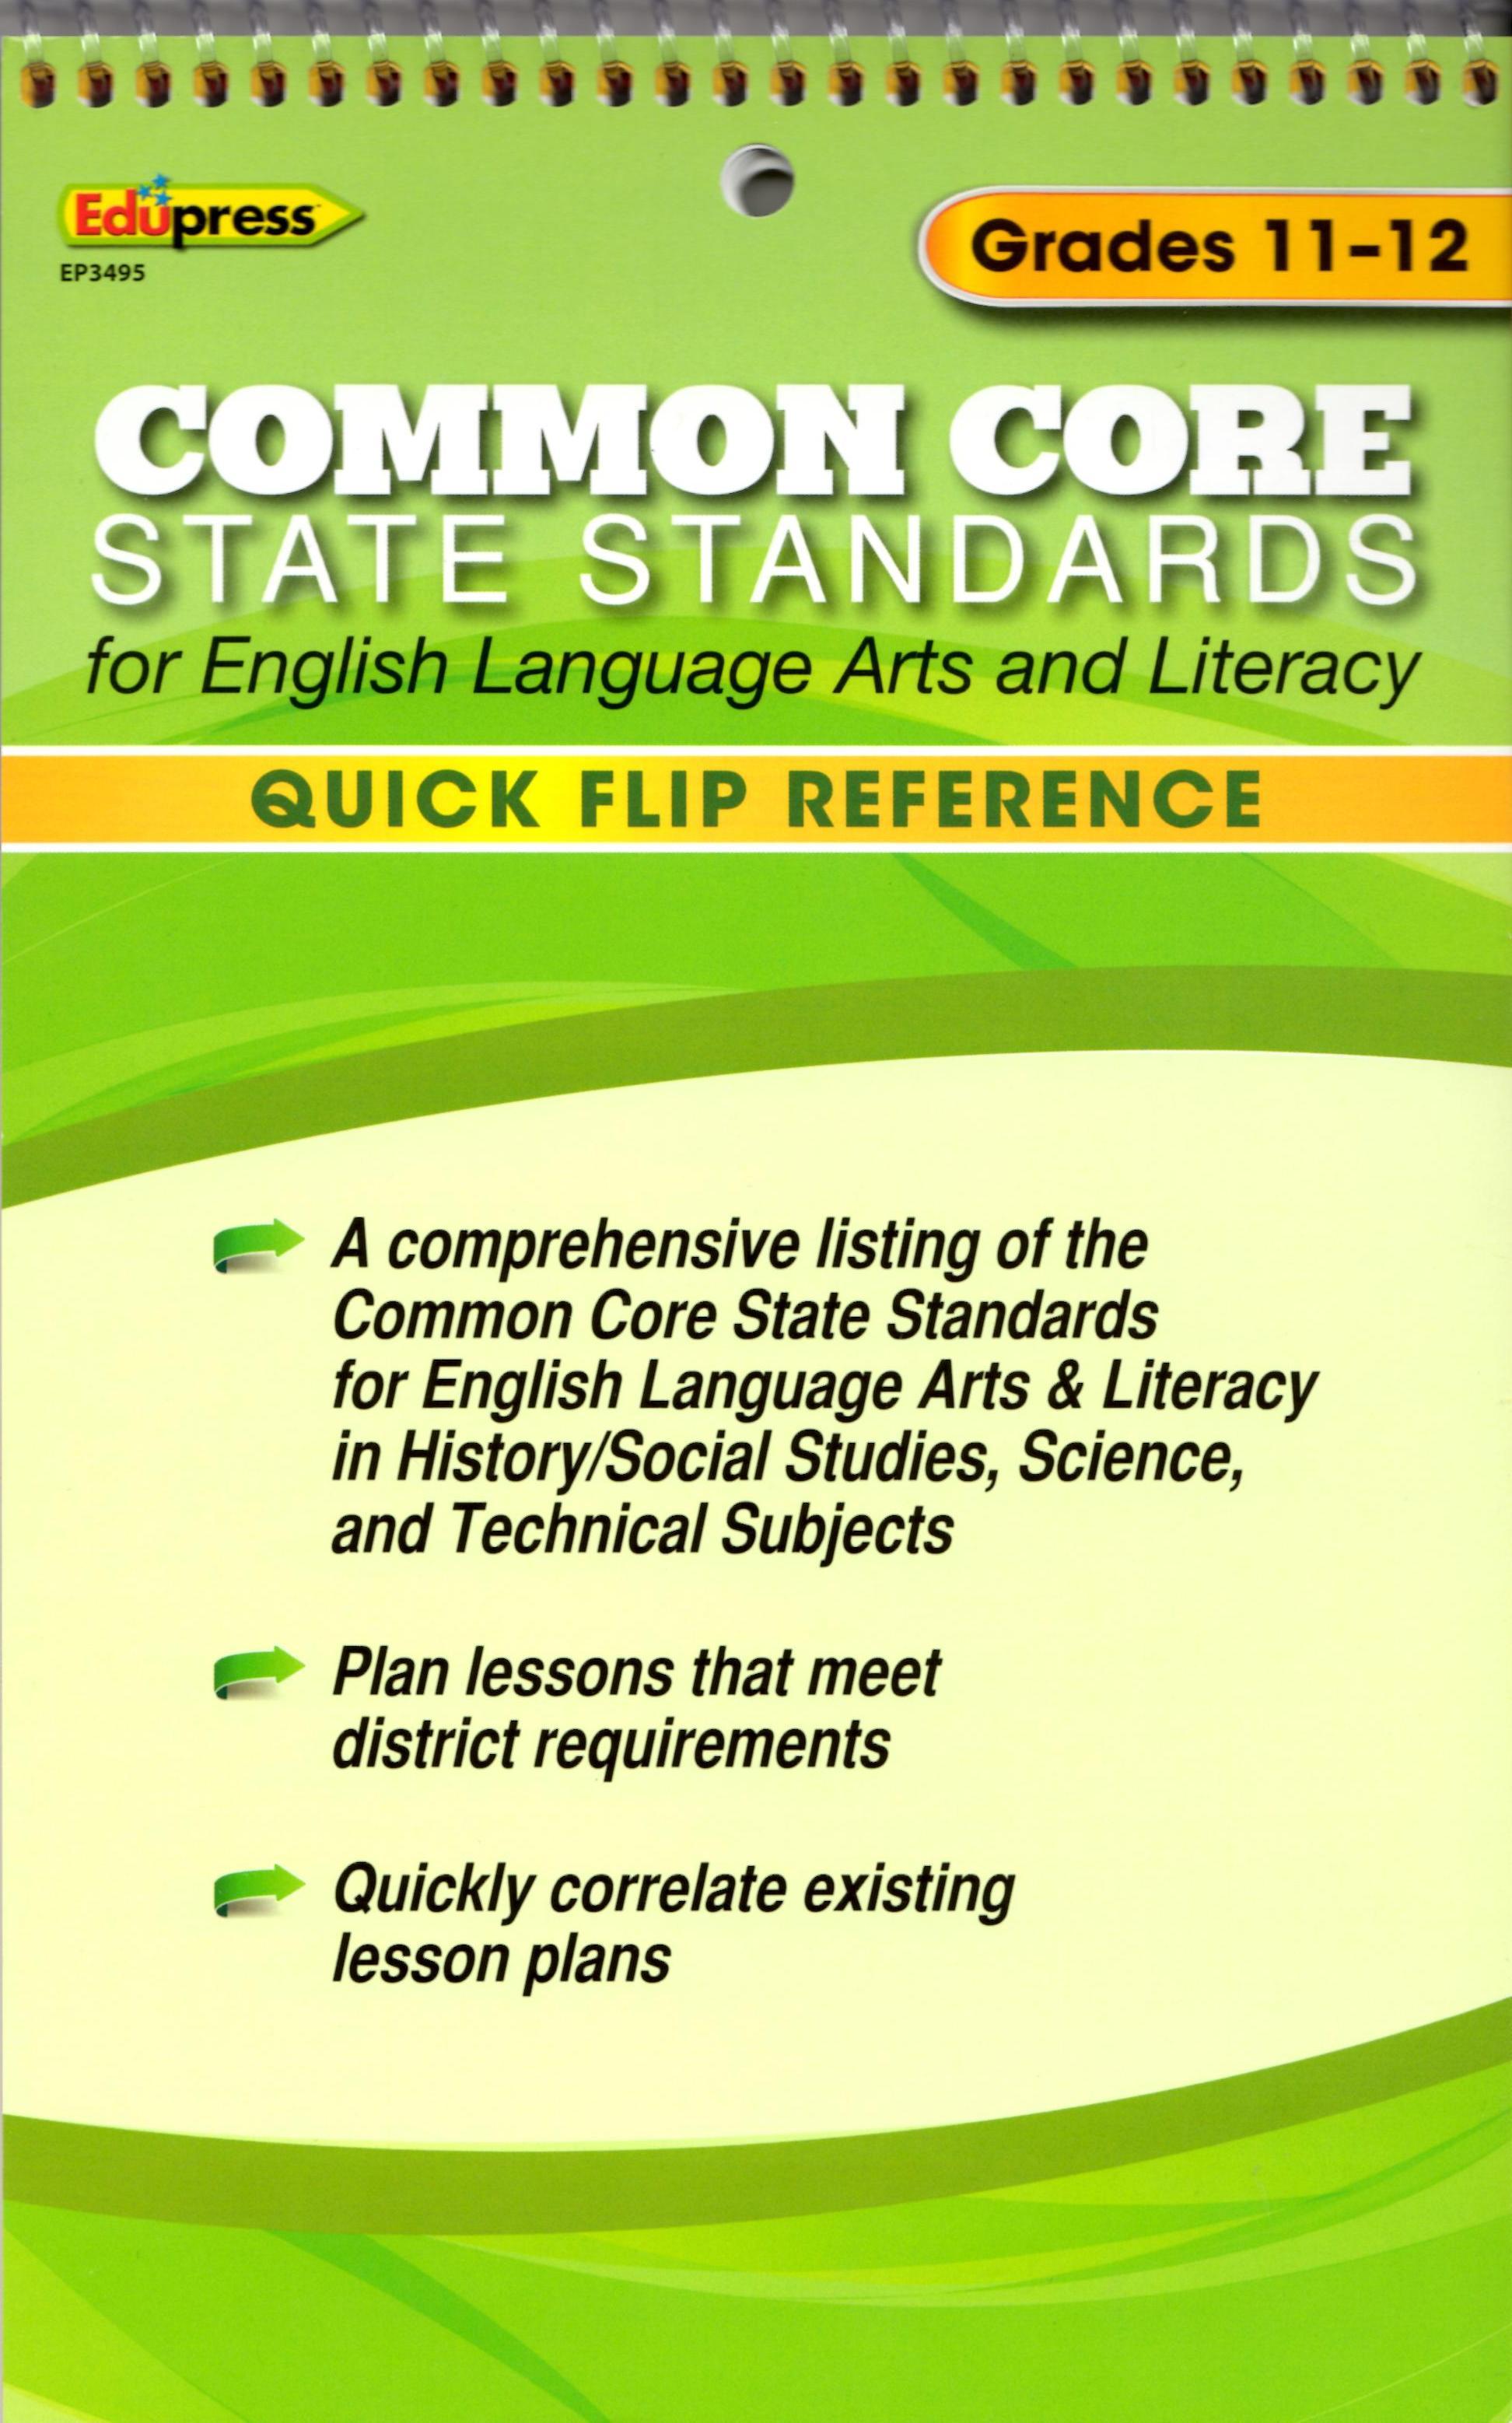 Common Core State Standards - Grade 11-12